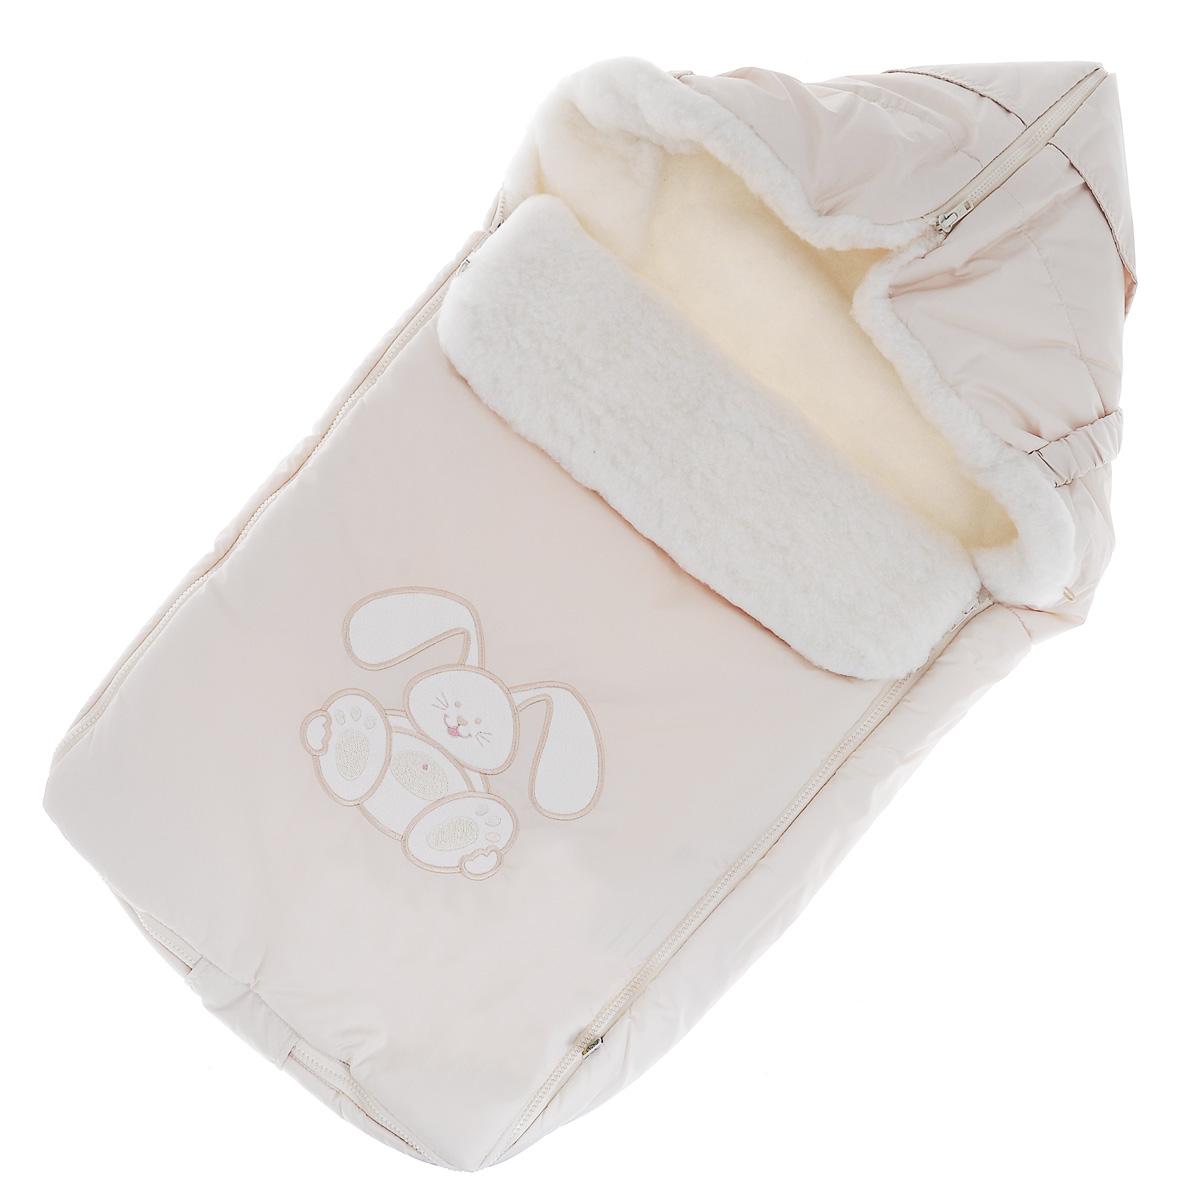 Конверт для новорожденного Сонный Гномик Зайчик, цвет: светло-бежевый. 969/4. Возраст 0/9 месяцев969/4Теплый конверт для новорожденного Сонный Гномик Зайчик идеально подойдет для ребенка в холодное время года. Конверт изготовлен из водоотталкивающей и ветрозащитной ткани Dewspo (100% полиэстер) на подкладке из шерсти с добавлением полиэстера. В качестве утеплителя используется шелтер (100% полиэстер).Шелтер (Shelter) - утеплитель нового поколения с тонкими волокнами. Его более мягкие ячейки лучше удерживают воздух, эффективнее сохраняя тепло. Более частые связи между волокнами делают утеплитель прочным и позволяют сохранить его свойства даже после многократных стирок. Утеплитель шелтер максимально защищает от холода и не стесняет движений.Верхняя часть конверта может использоваться в качестве капюшона в ветреную или холодную погоду и надеваться на спинку коляски благодаря эластичным ремешкам и вставке. С помощью застежки-молнии верх принимает вид треугольного капюшона. Пластиковая застежка-молния по бокам и нижнему краю изделия помогает с легкостью доставать малыша из конверта, не тревожа его сон. Модель раскладывается на два отдельных коврика. Спереди предусмотрен отворот, фиксирующийся с помощью декоративных пуговиц. Оформлена модель аппликацией в виде забавного зайчика. Конверт заменит лишние теплые кофточки и штанишки, и, значит, свободу малыша ничто не будет ограничивать. Комфортный, удобный и практичный, этот конверт идеально подойдет для прогулок на свежем воздухе!